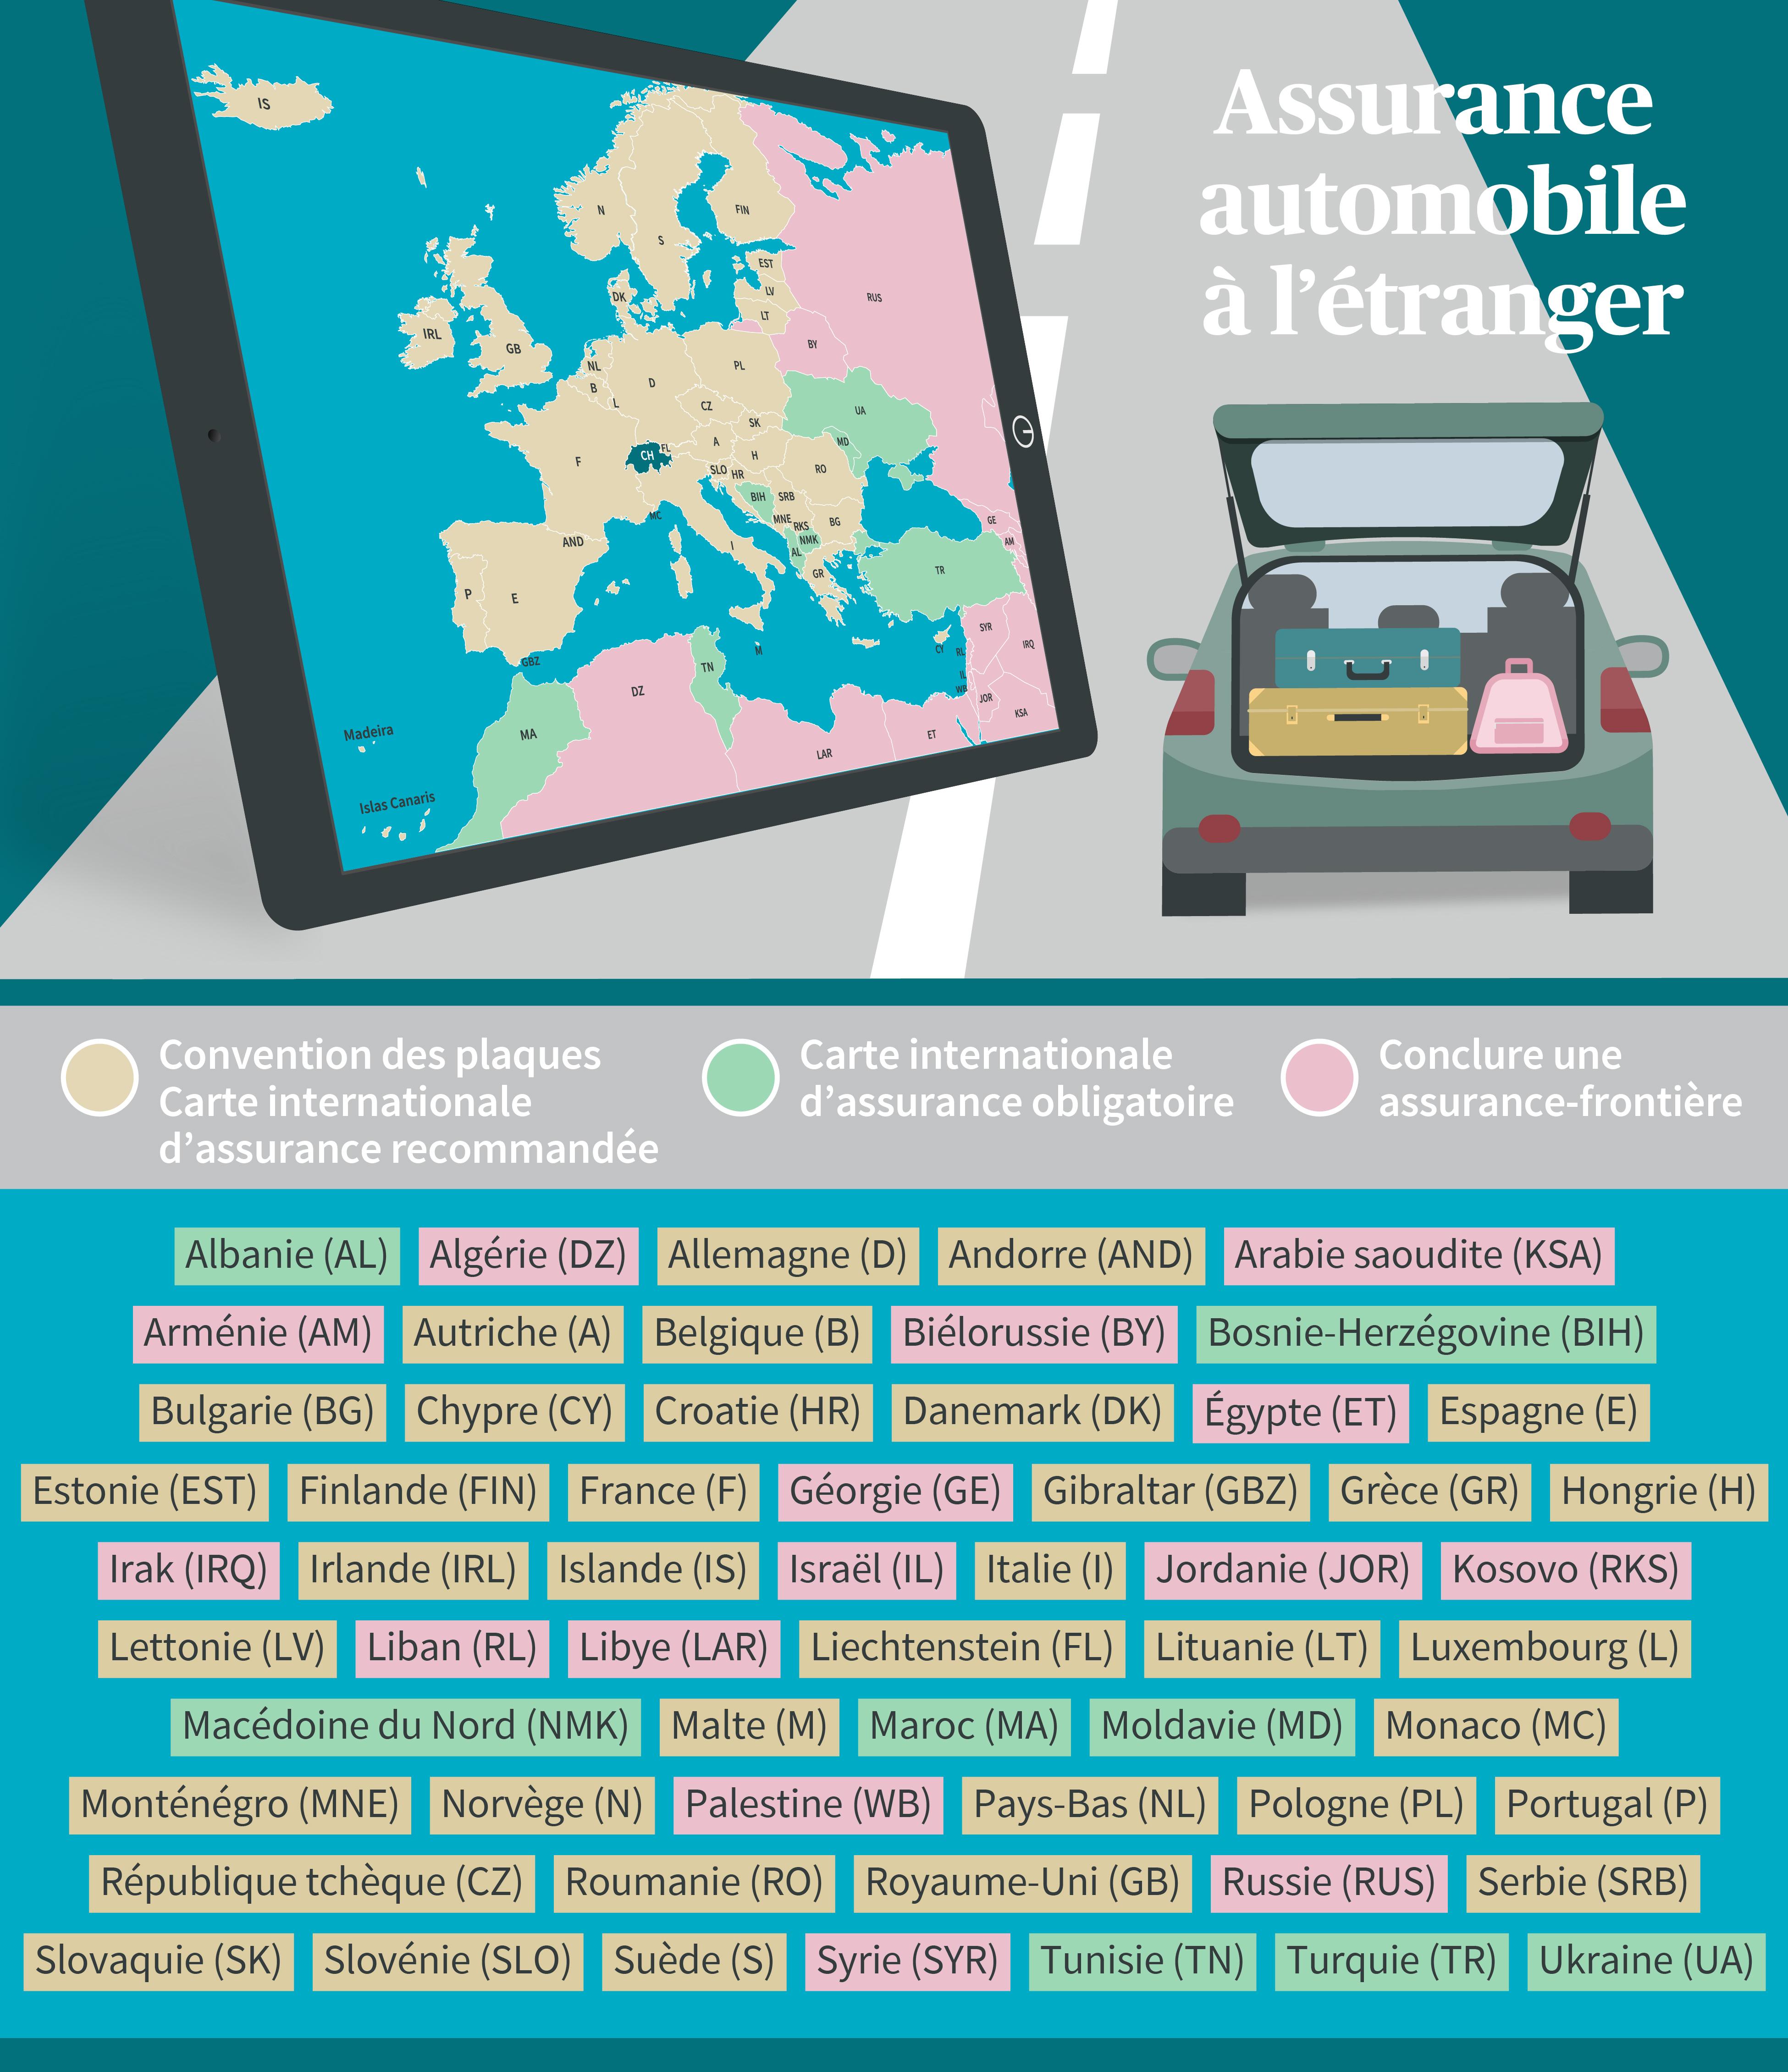 Graphique/liste des pays, couverture d'assurance automobile à l'étranger (carte verte)